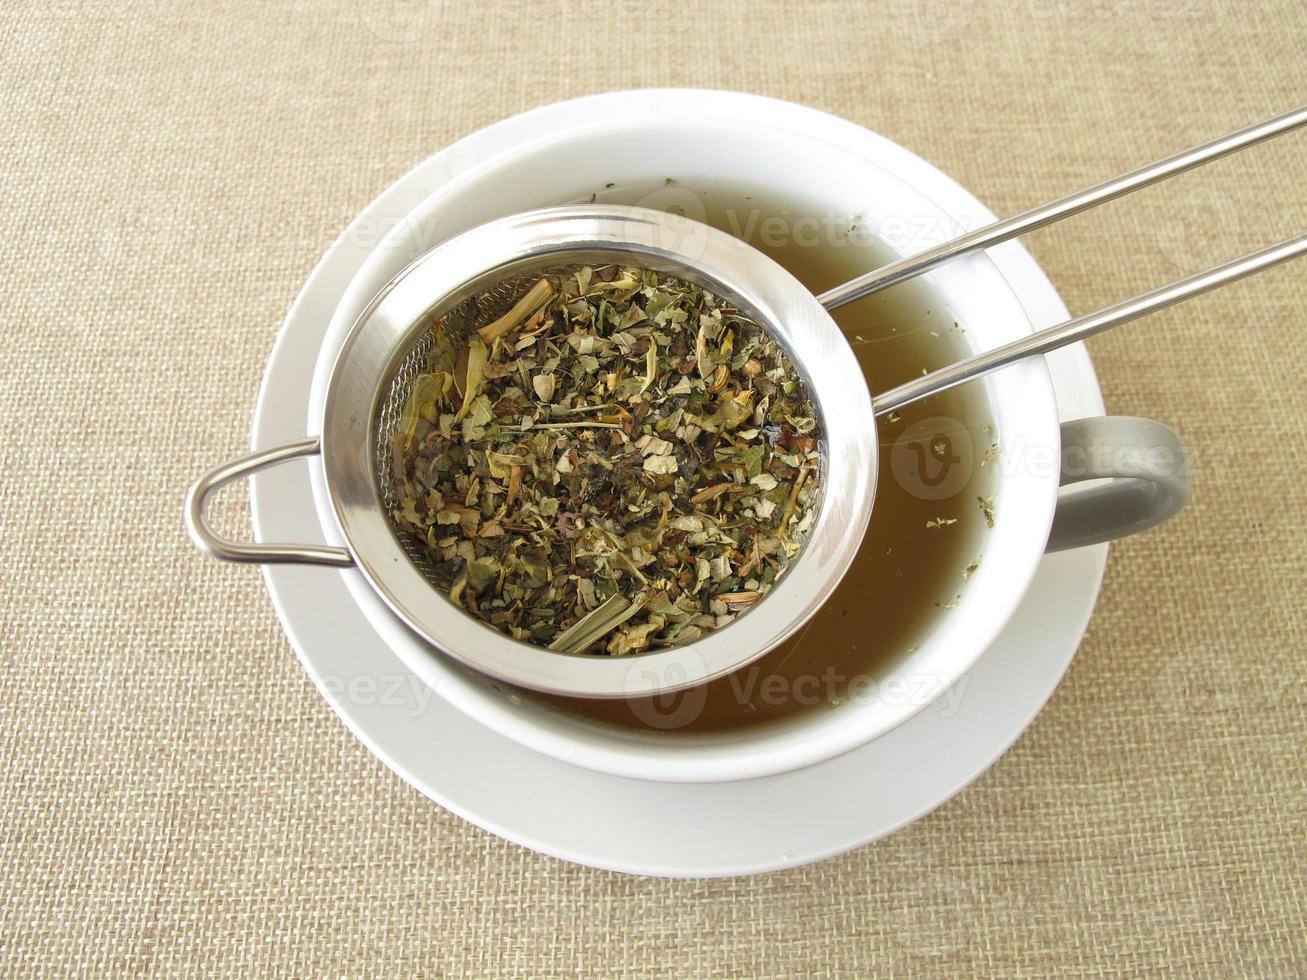 tisane dans une passoire à thé photo